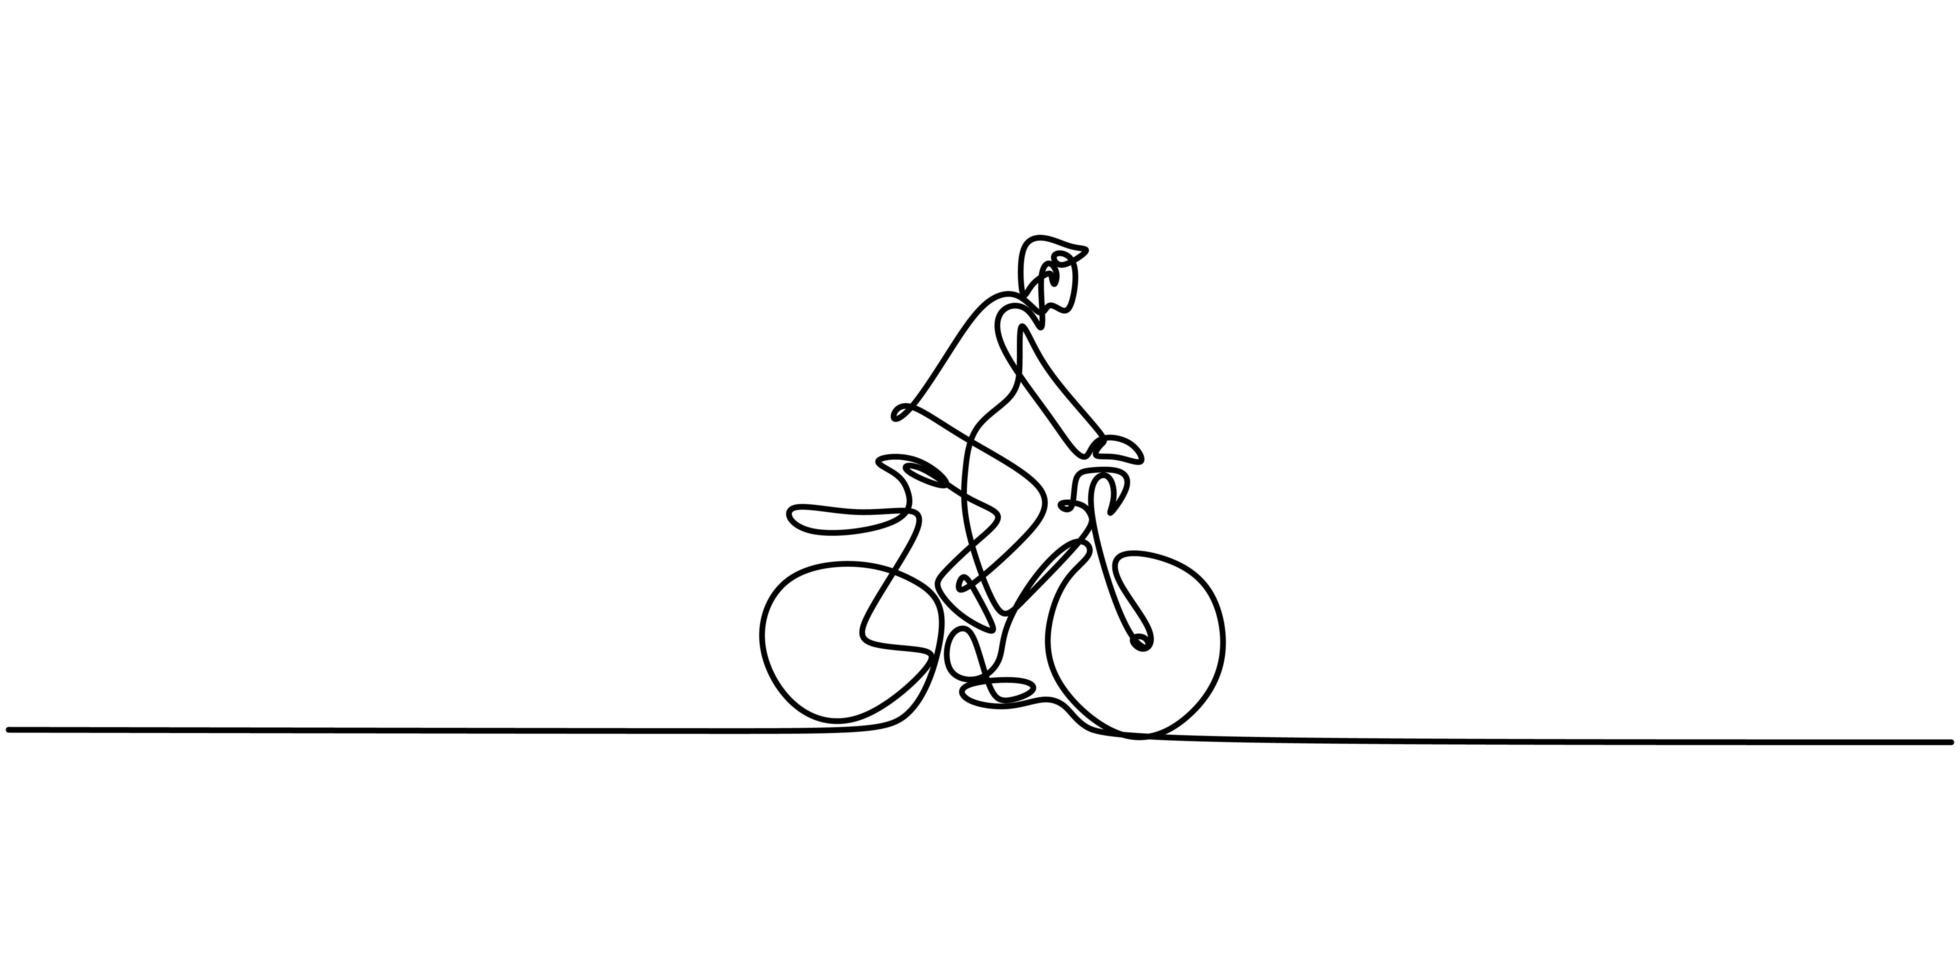 contínuo um desenho de linha homem de bicicleta. vetor